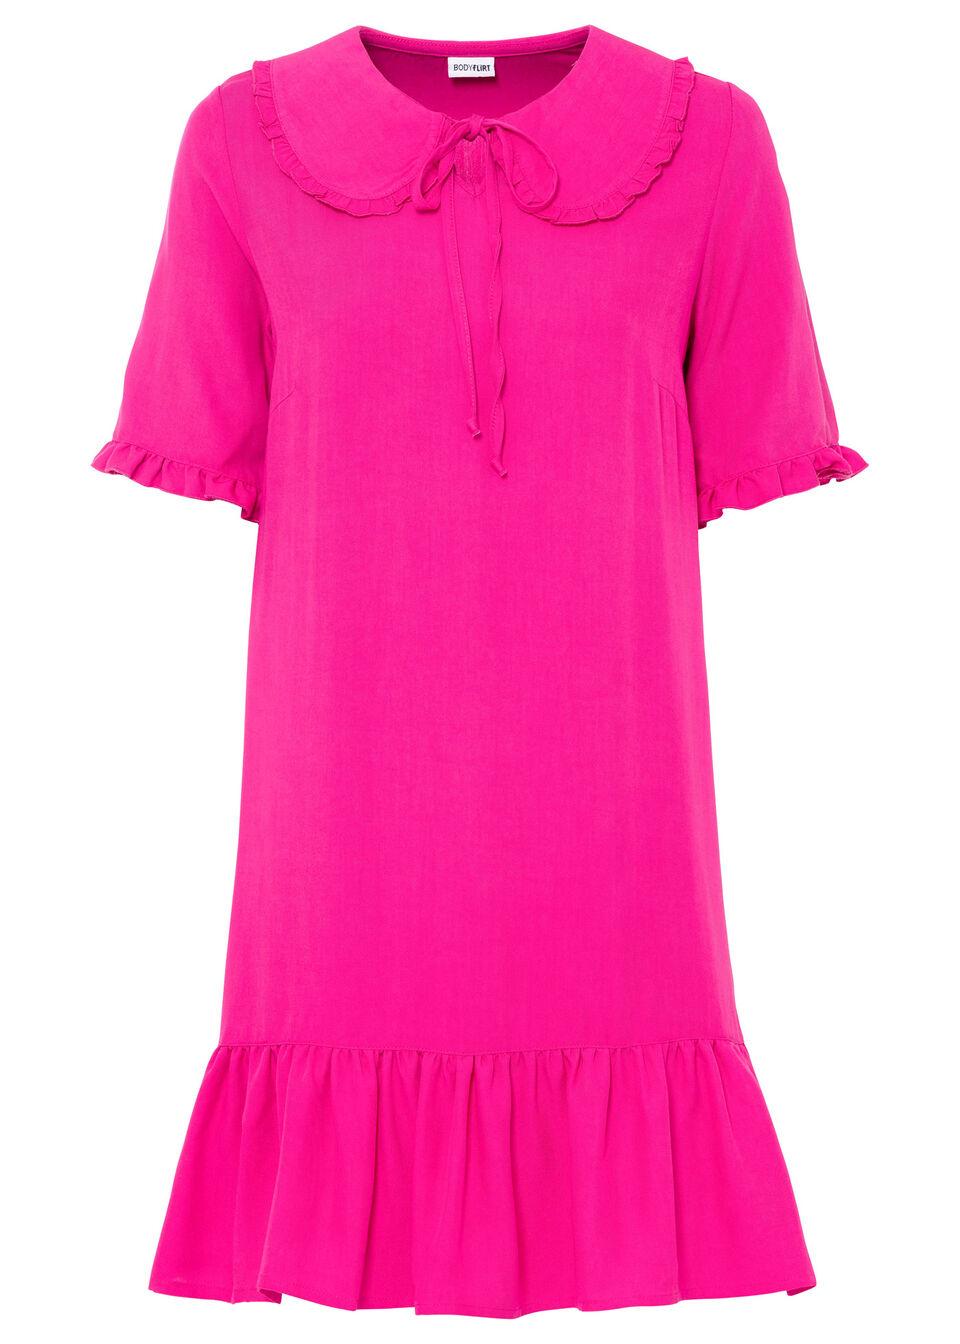 Sukienka koszulowa z zaokrąglonym kołnierzykiem bonprix Sukienka kosz róż.pinklad